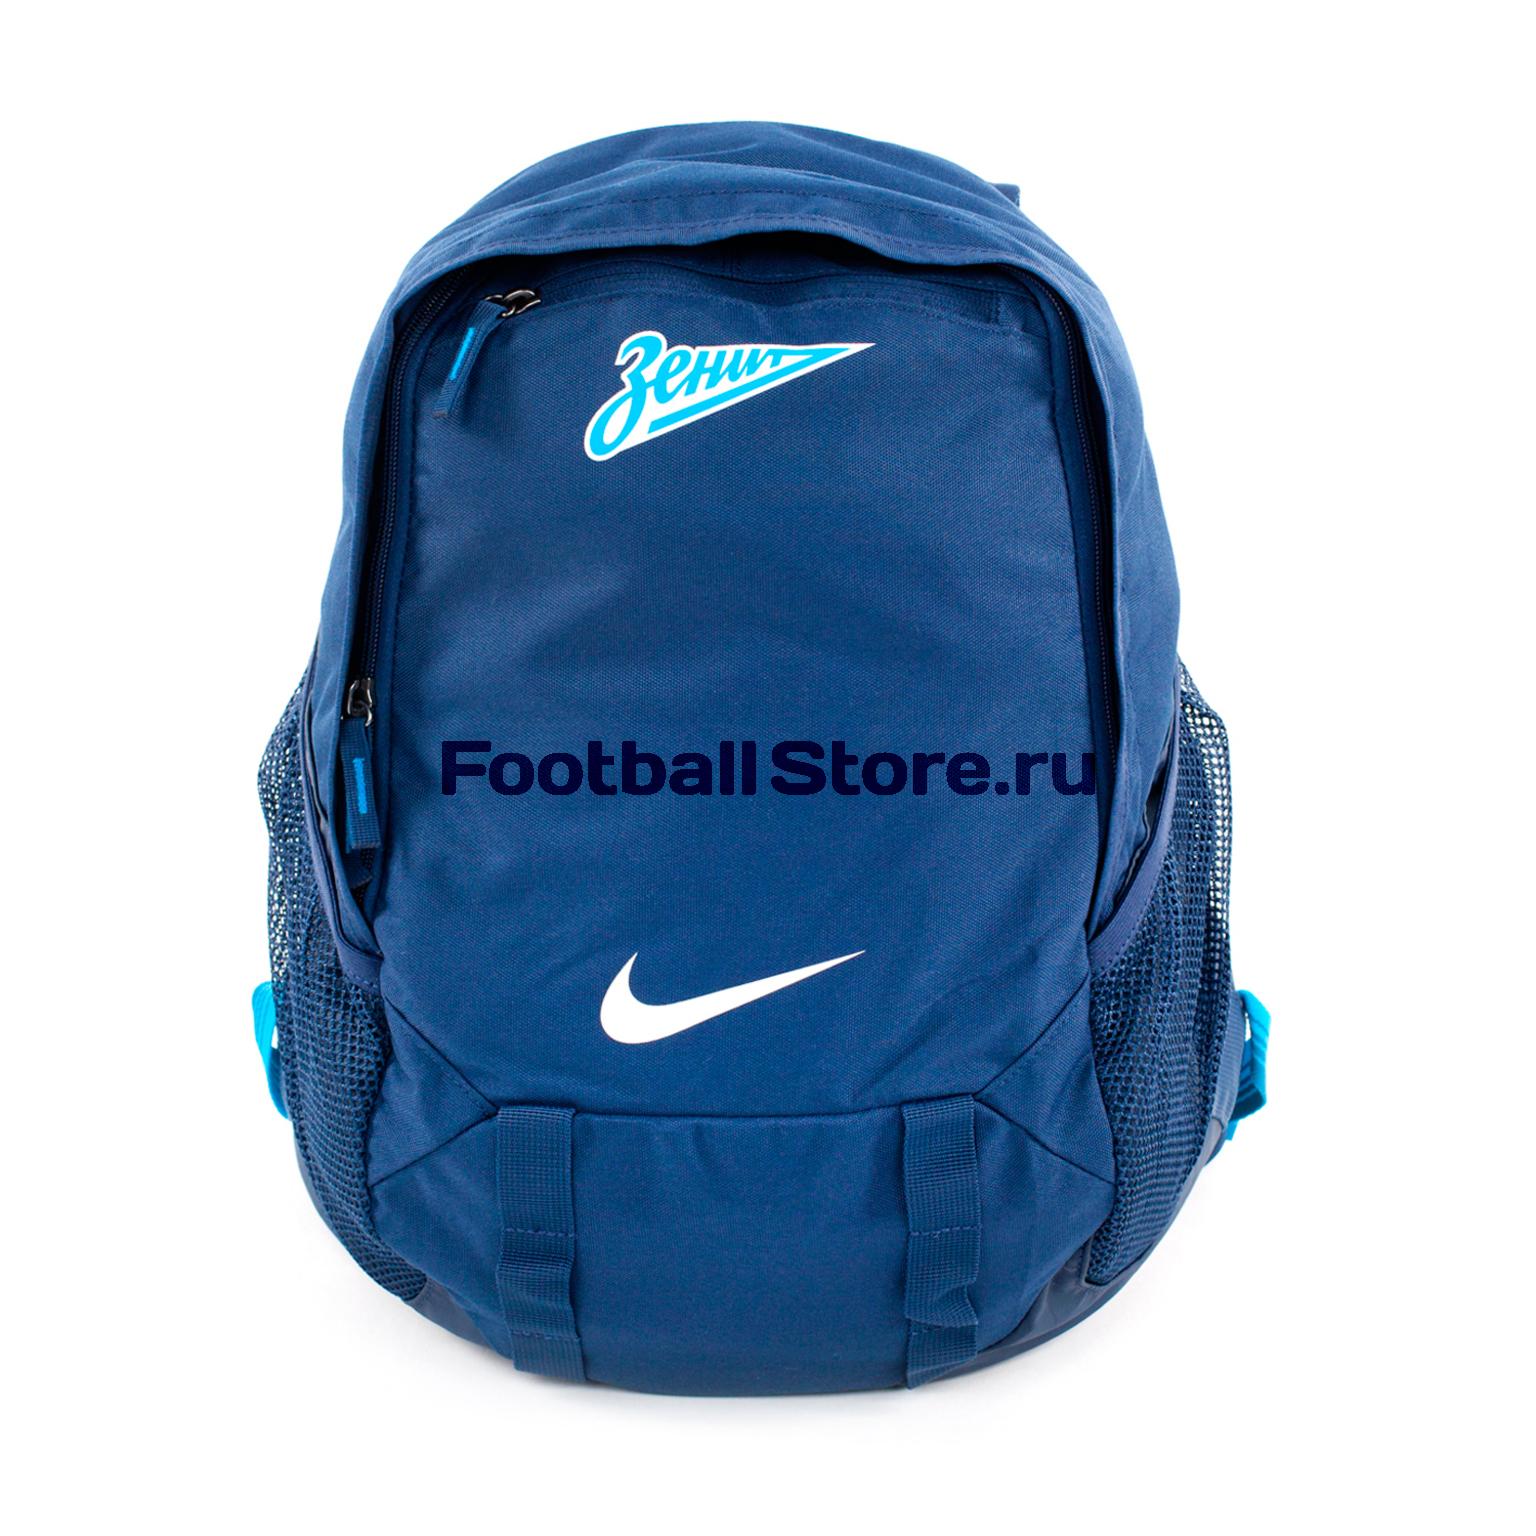 Zenit Nike Рюкзак Nike Allegiance Zenit Offense Compa BA4709-423